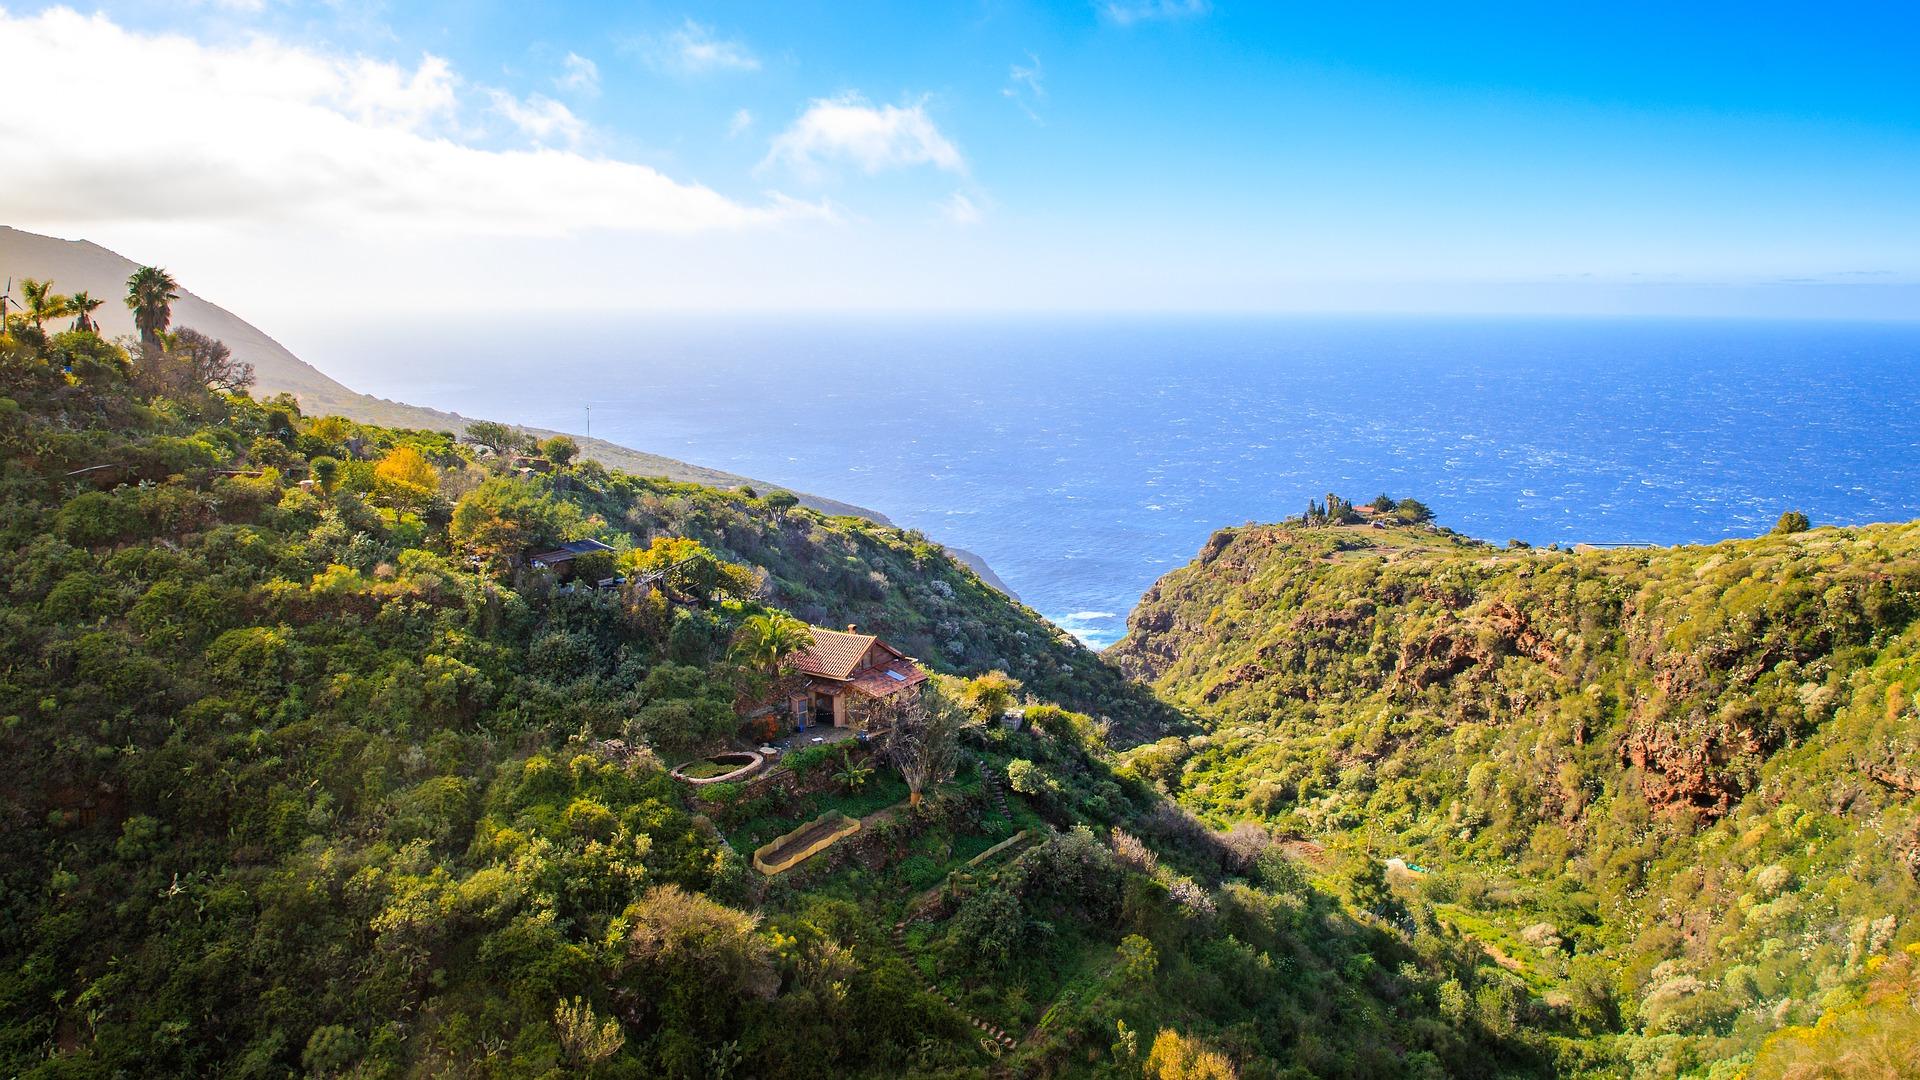 Berge und Landschaft Palma Flug und Mietwagen eine Woche günstig ab 198,00€